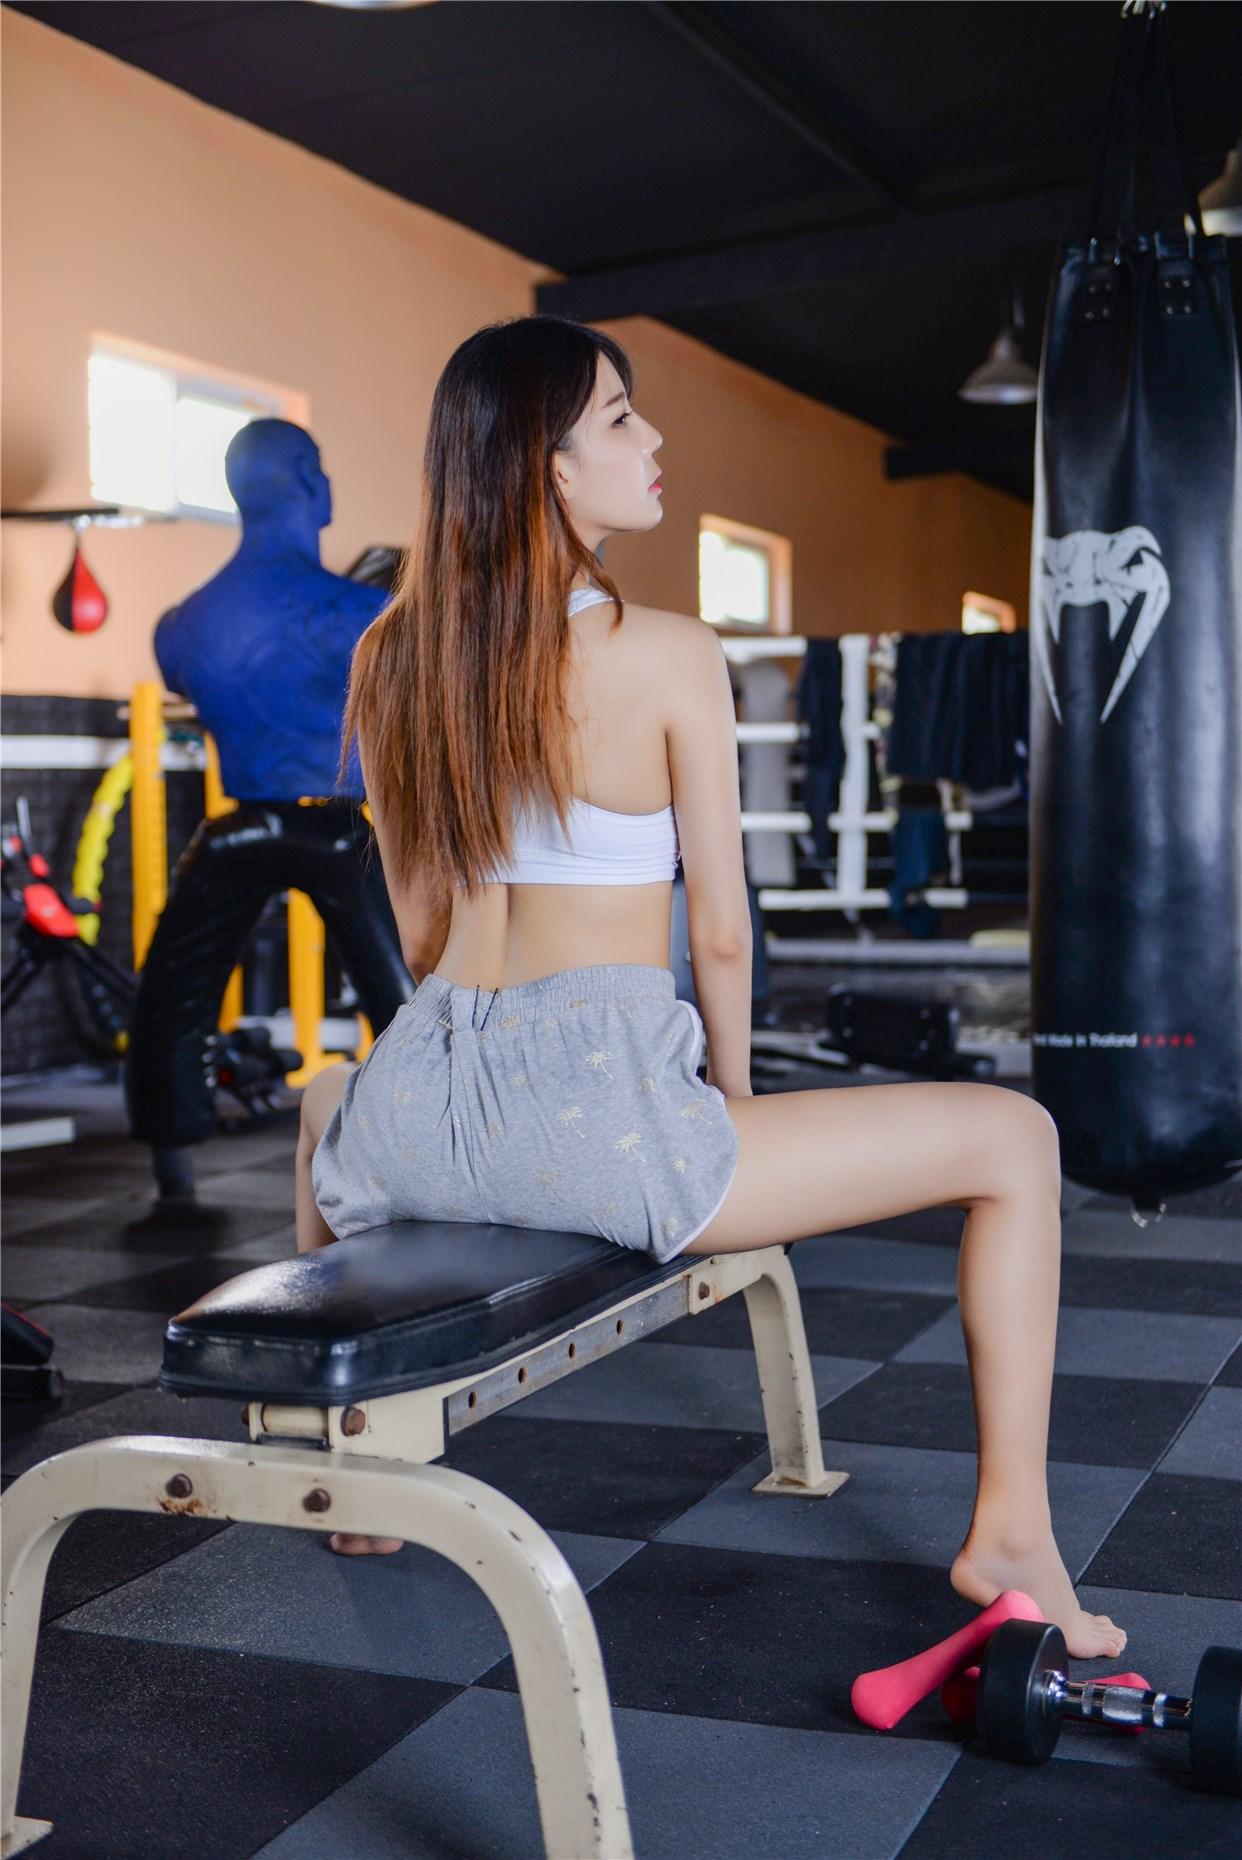 【兔玩映画】健身房的美少女 兔玩映画 第30张